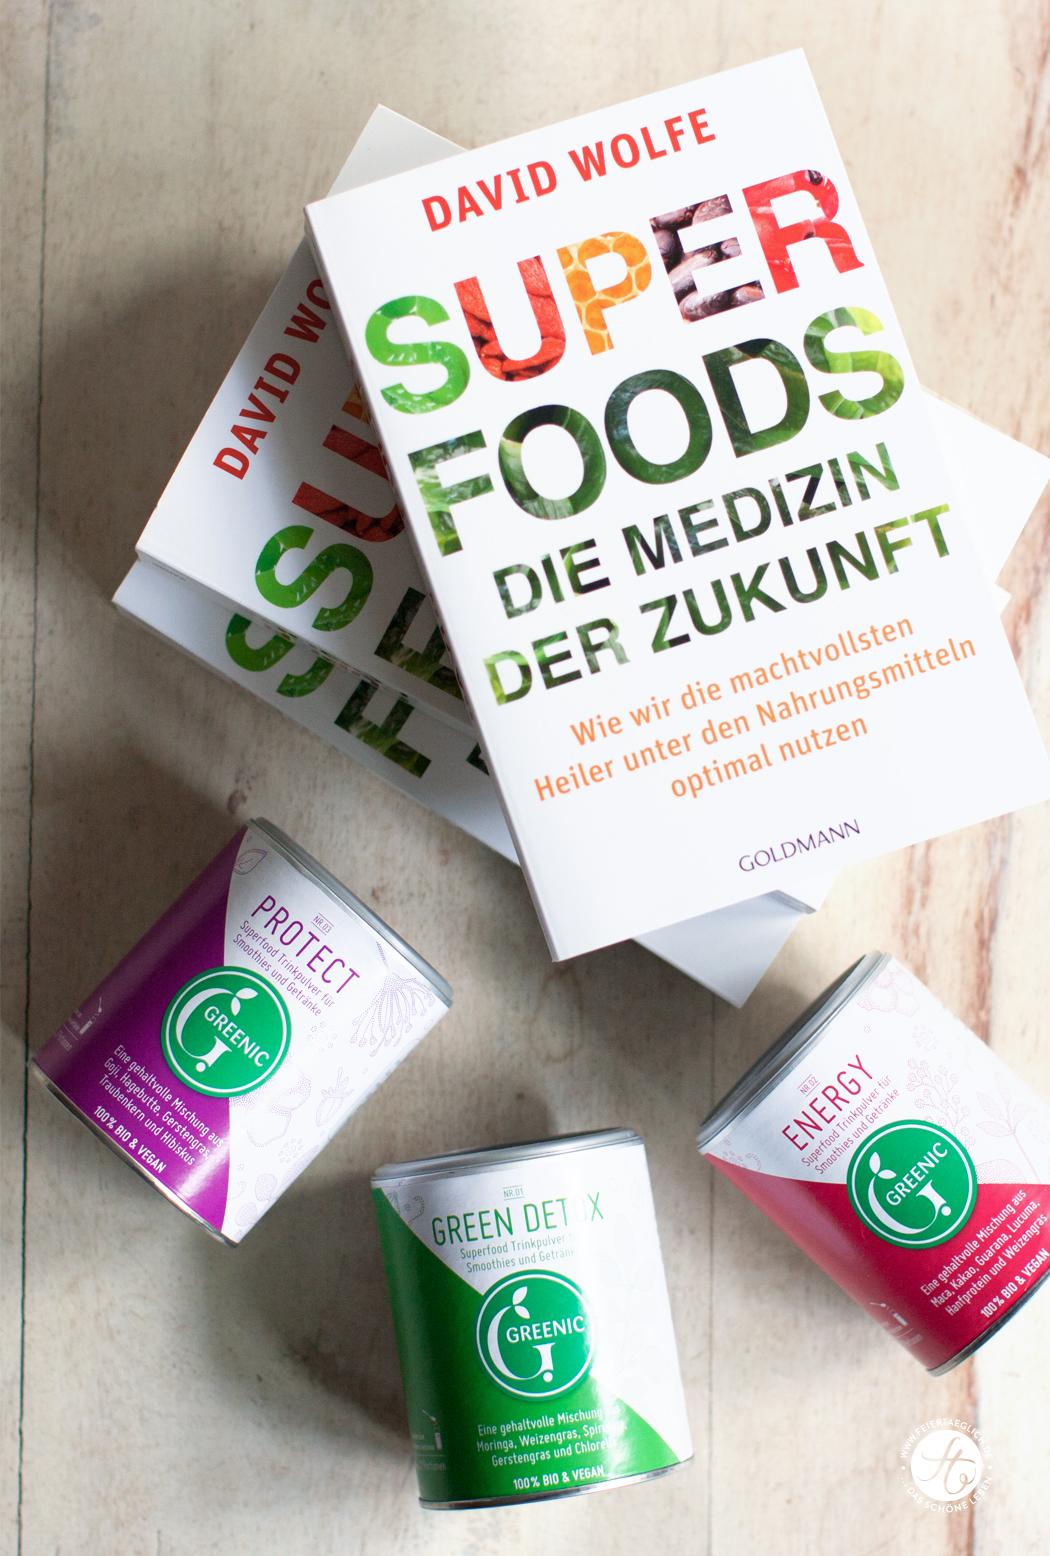 SuperfoodSamstag Gewinne Sause – Das mitmache-event zum #SuperfoodSamstag